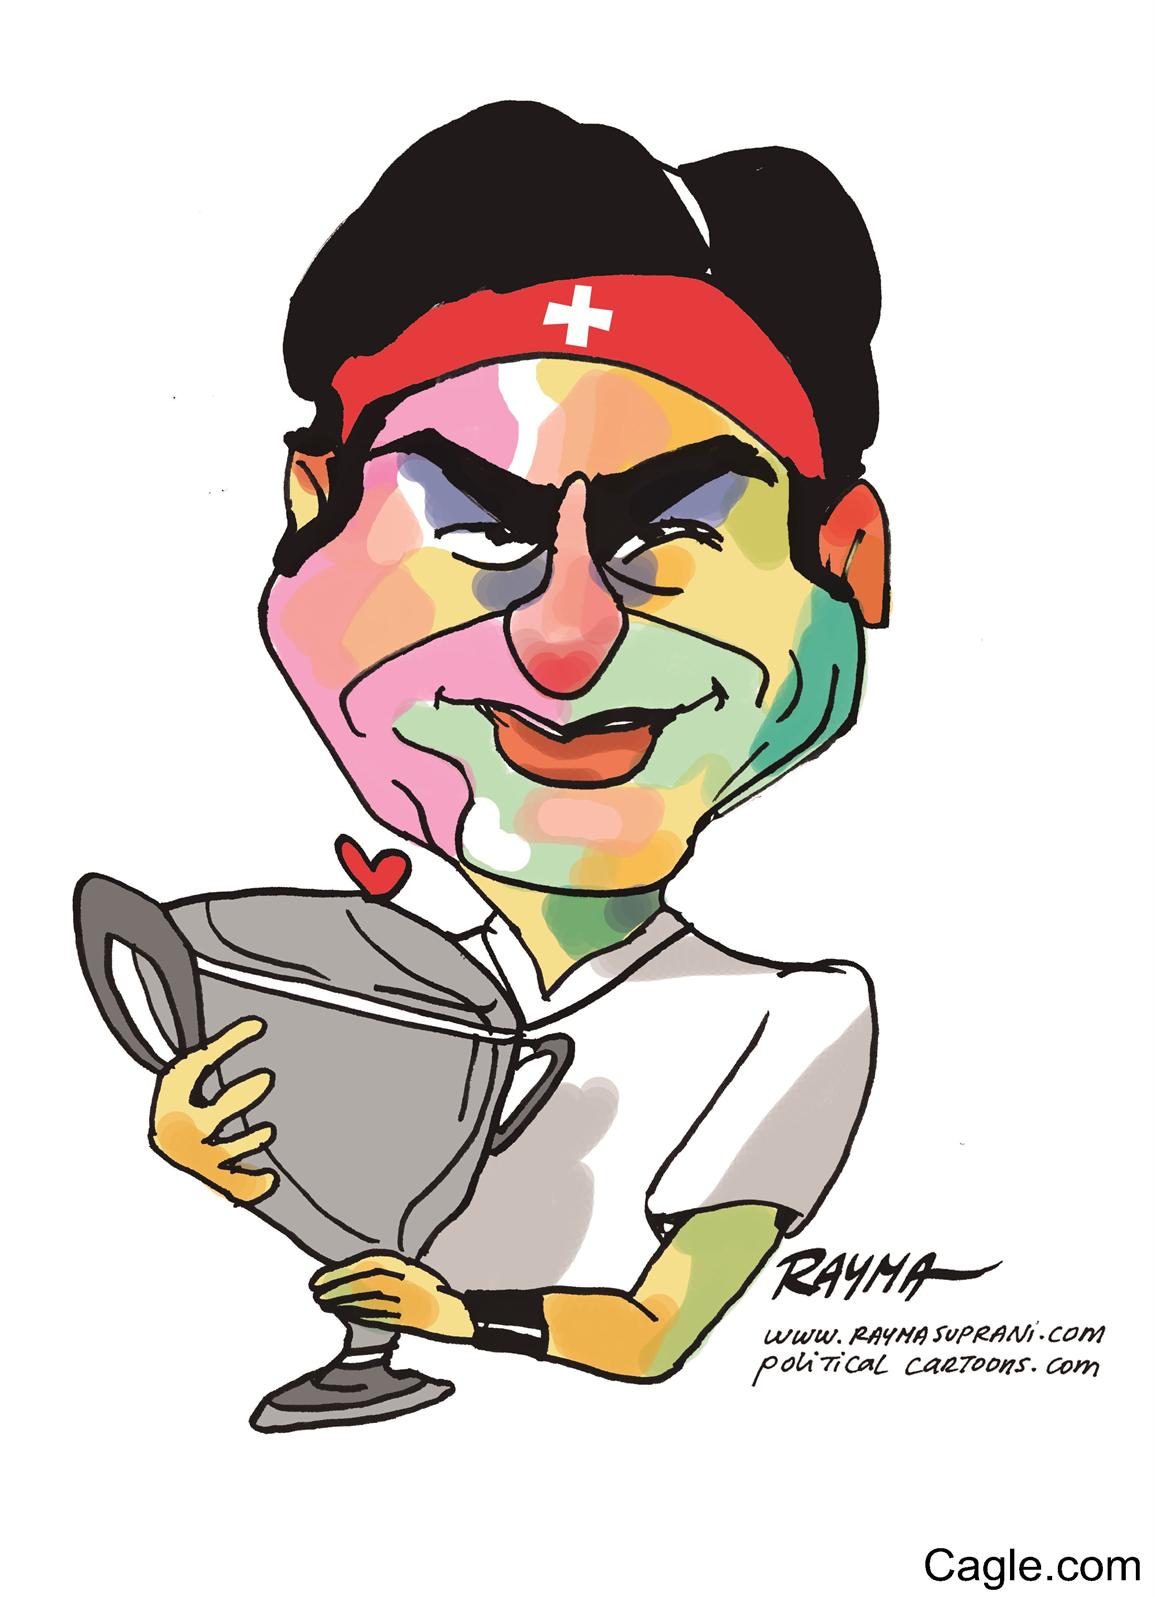 Roger Federer Clipart